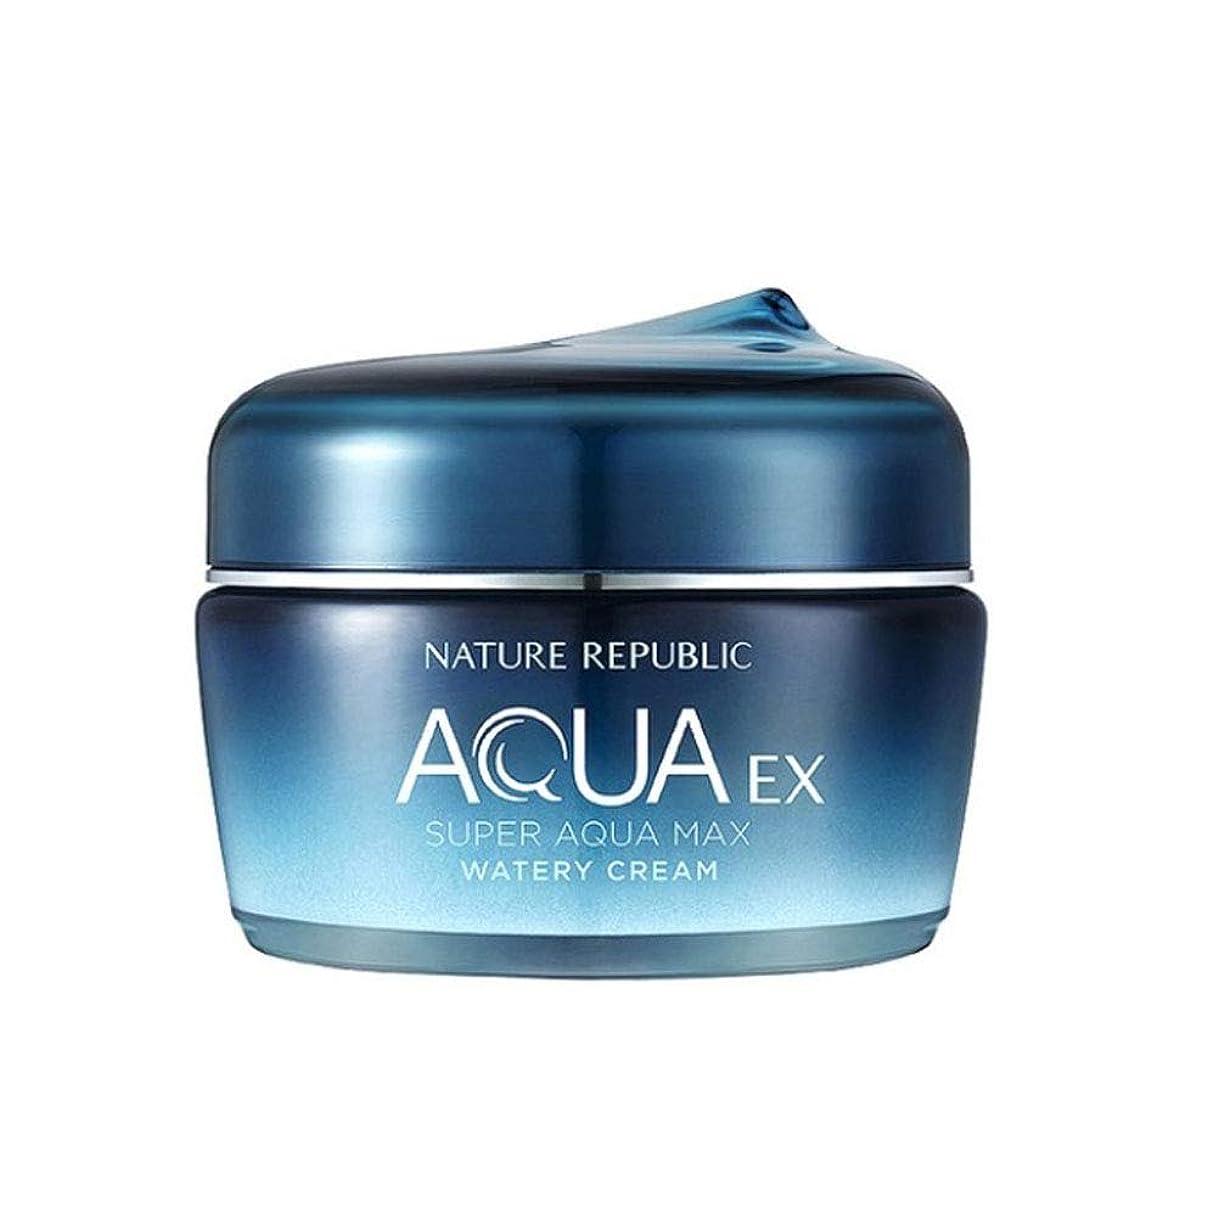 破裂畝間塗抹ネイチャーリパブリックスーパーアクアマックスEX水分クリーム80ml韓国コスメ、Nature Republic Super Aqua Max EX Watery Cream 80ml Korean Cosmetics [並行輸入品]